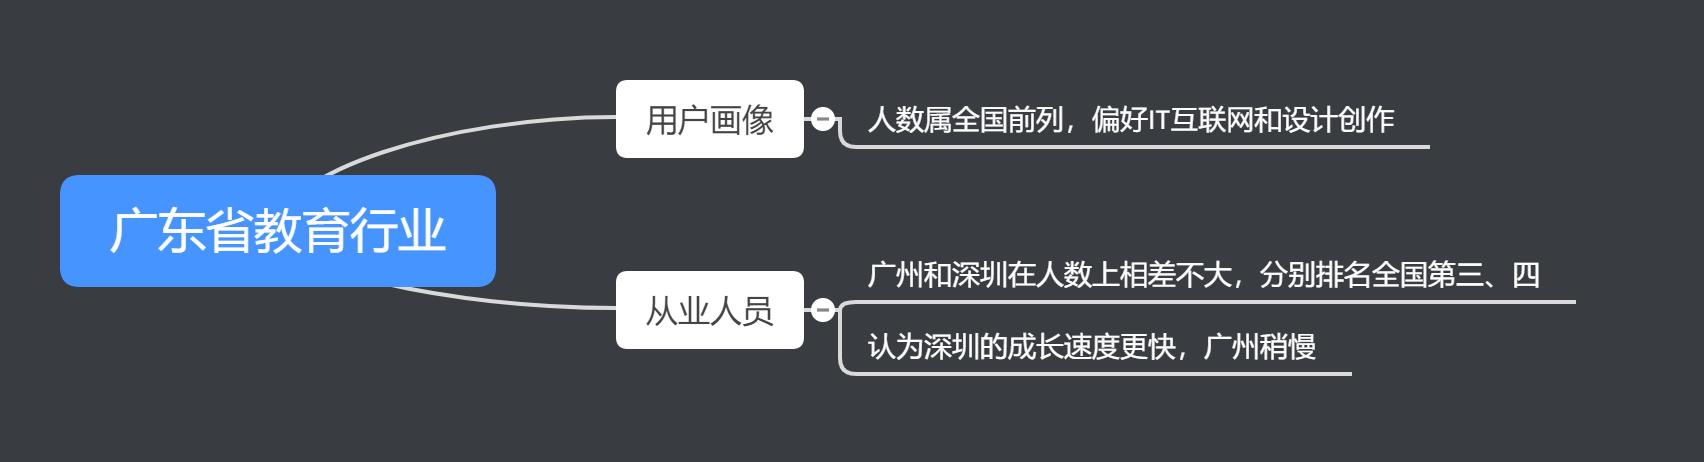 广东省教育行业.png